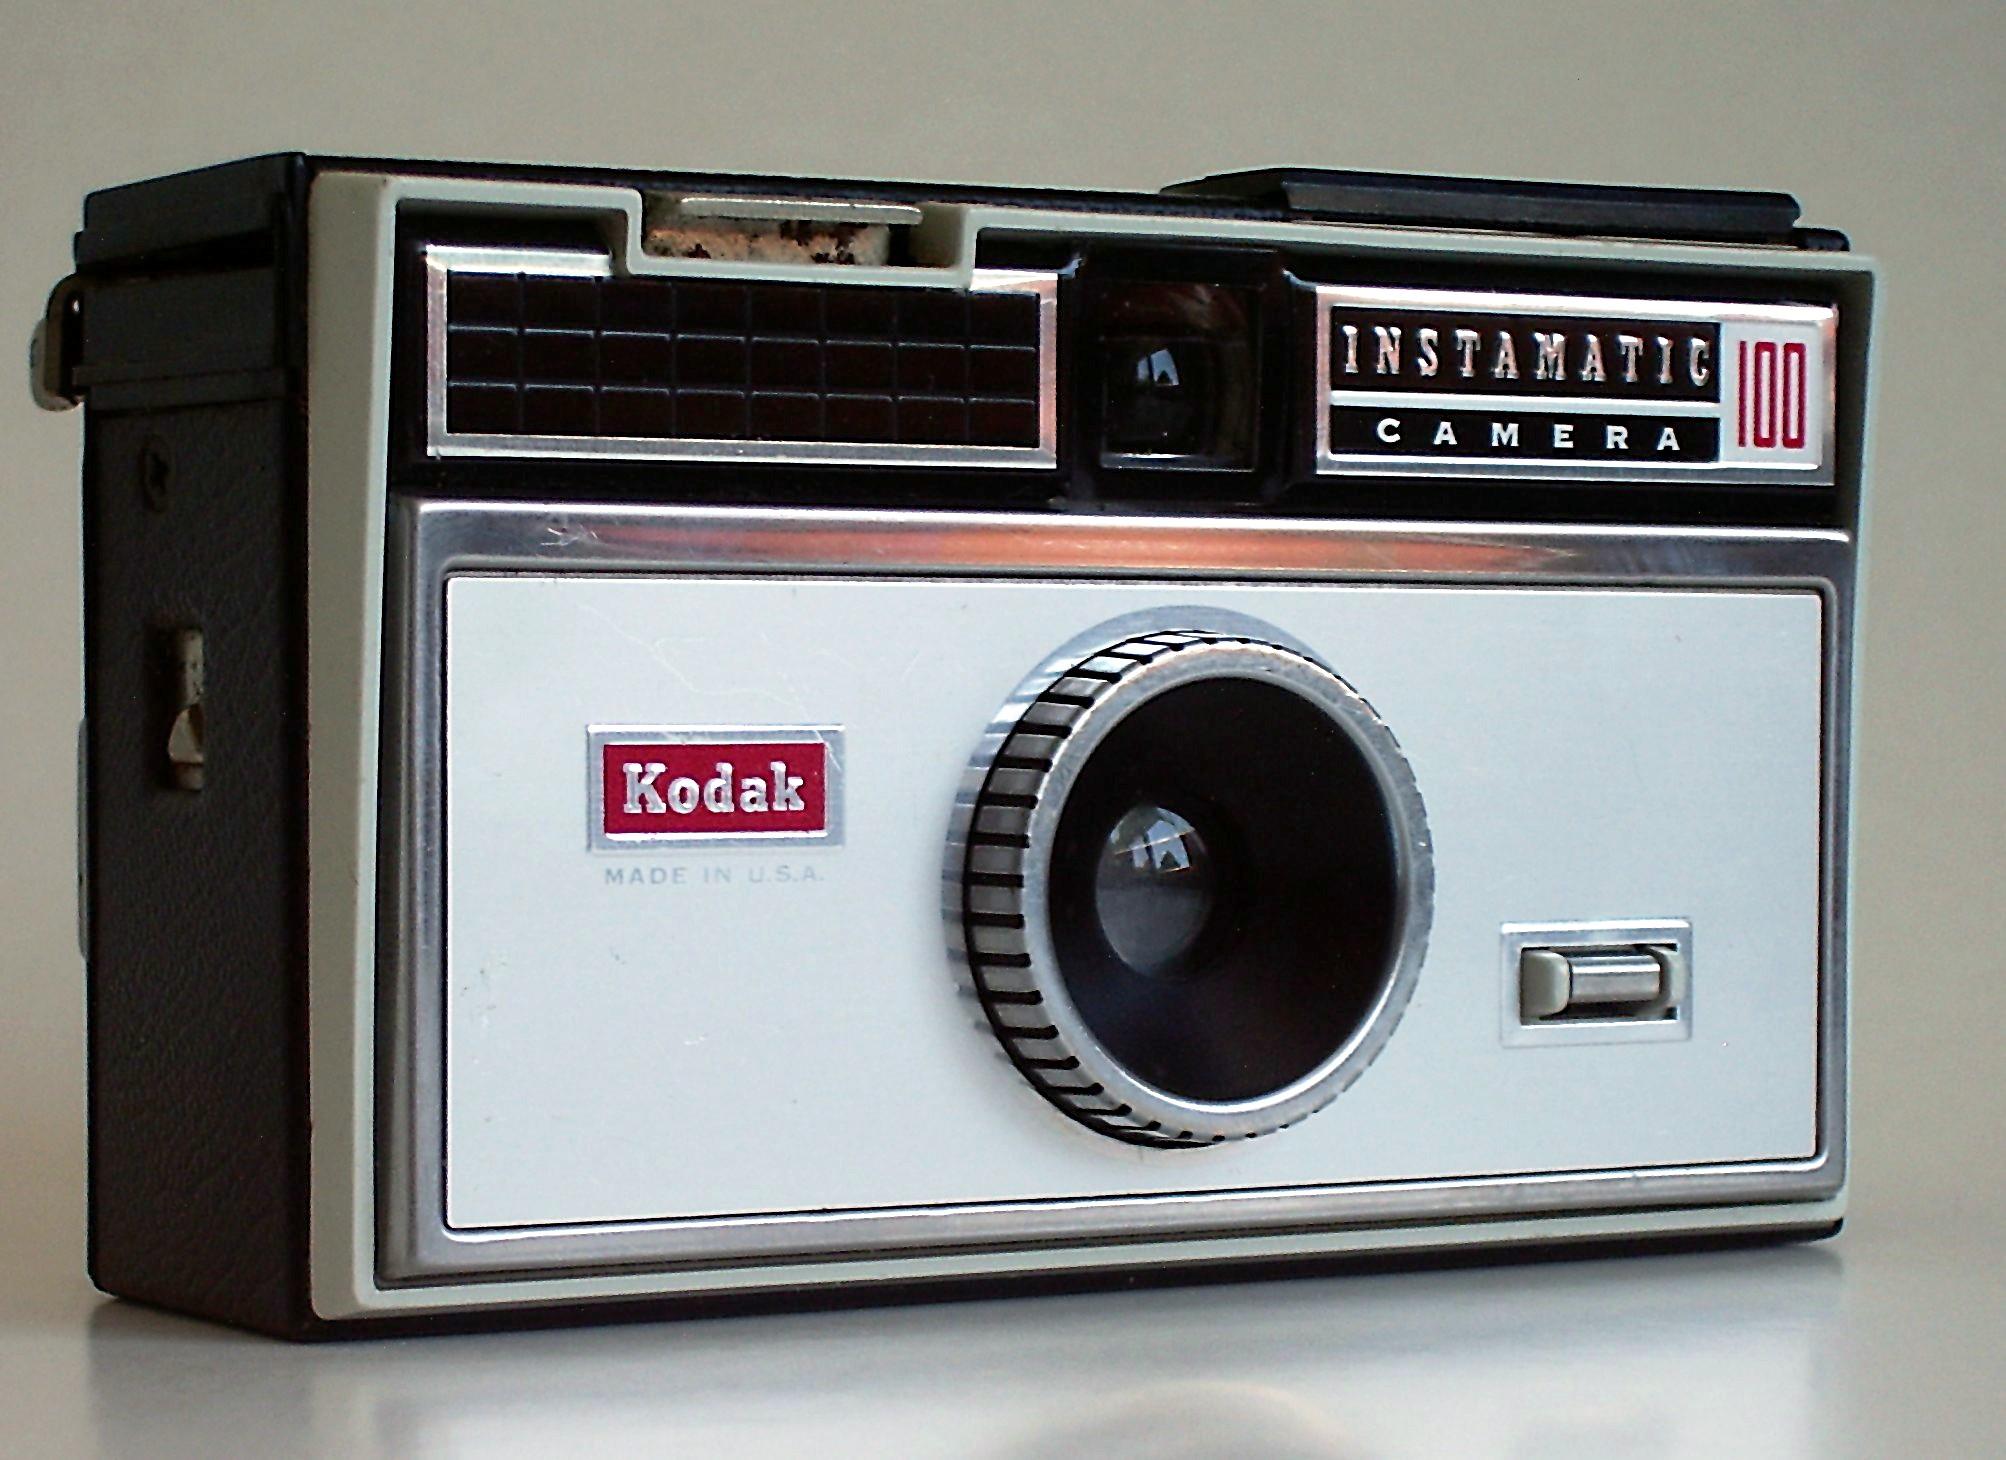 Kodak_Instamatic_100_1.jpg